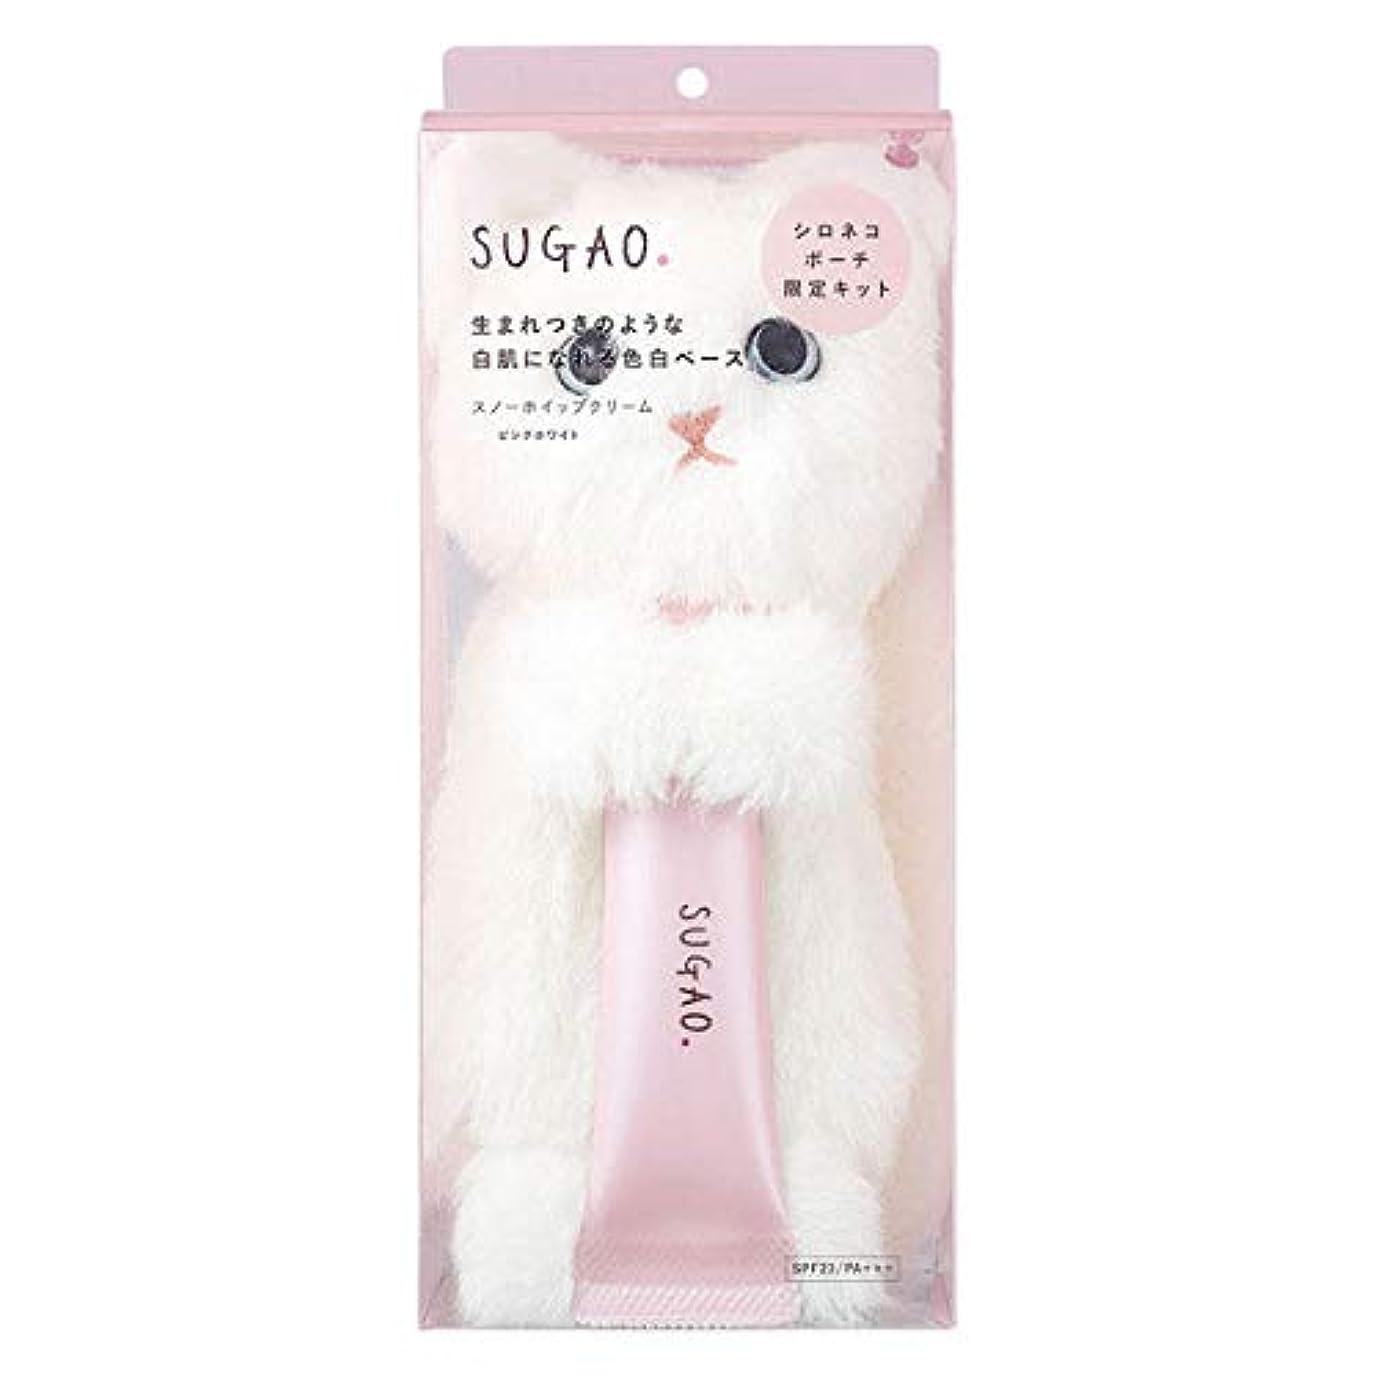 複数パーチナシティ提案するSUGAO(スガオ) スノーホイップクリーム ピンクホワイト 25g +シロネコぬいぐるみ付き ロート製薬 [並行輸入品]